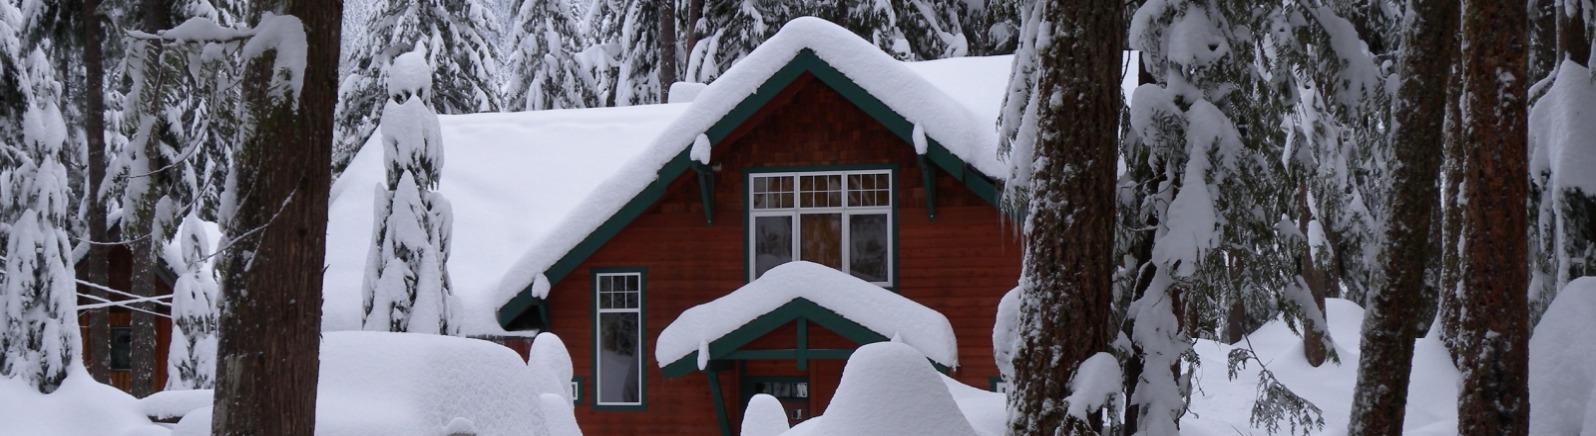 Mt Hood Vacation Rentals